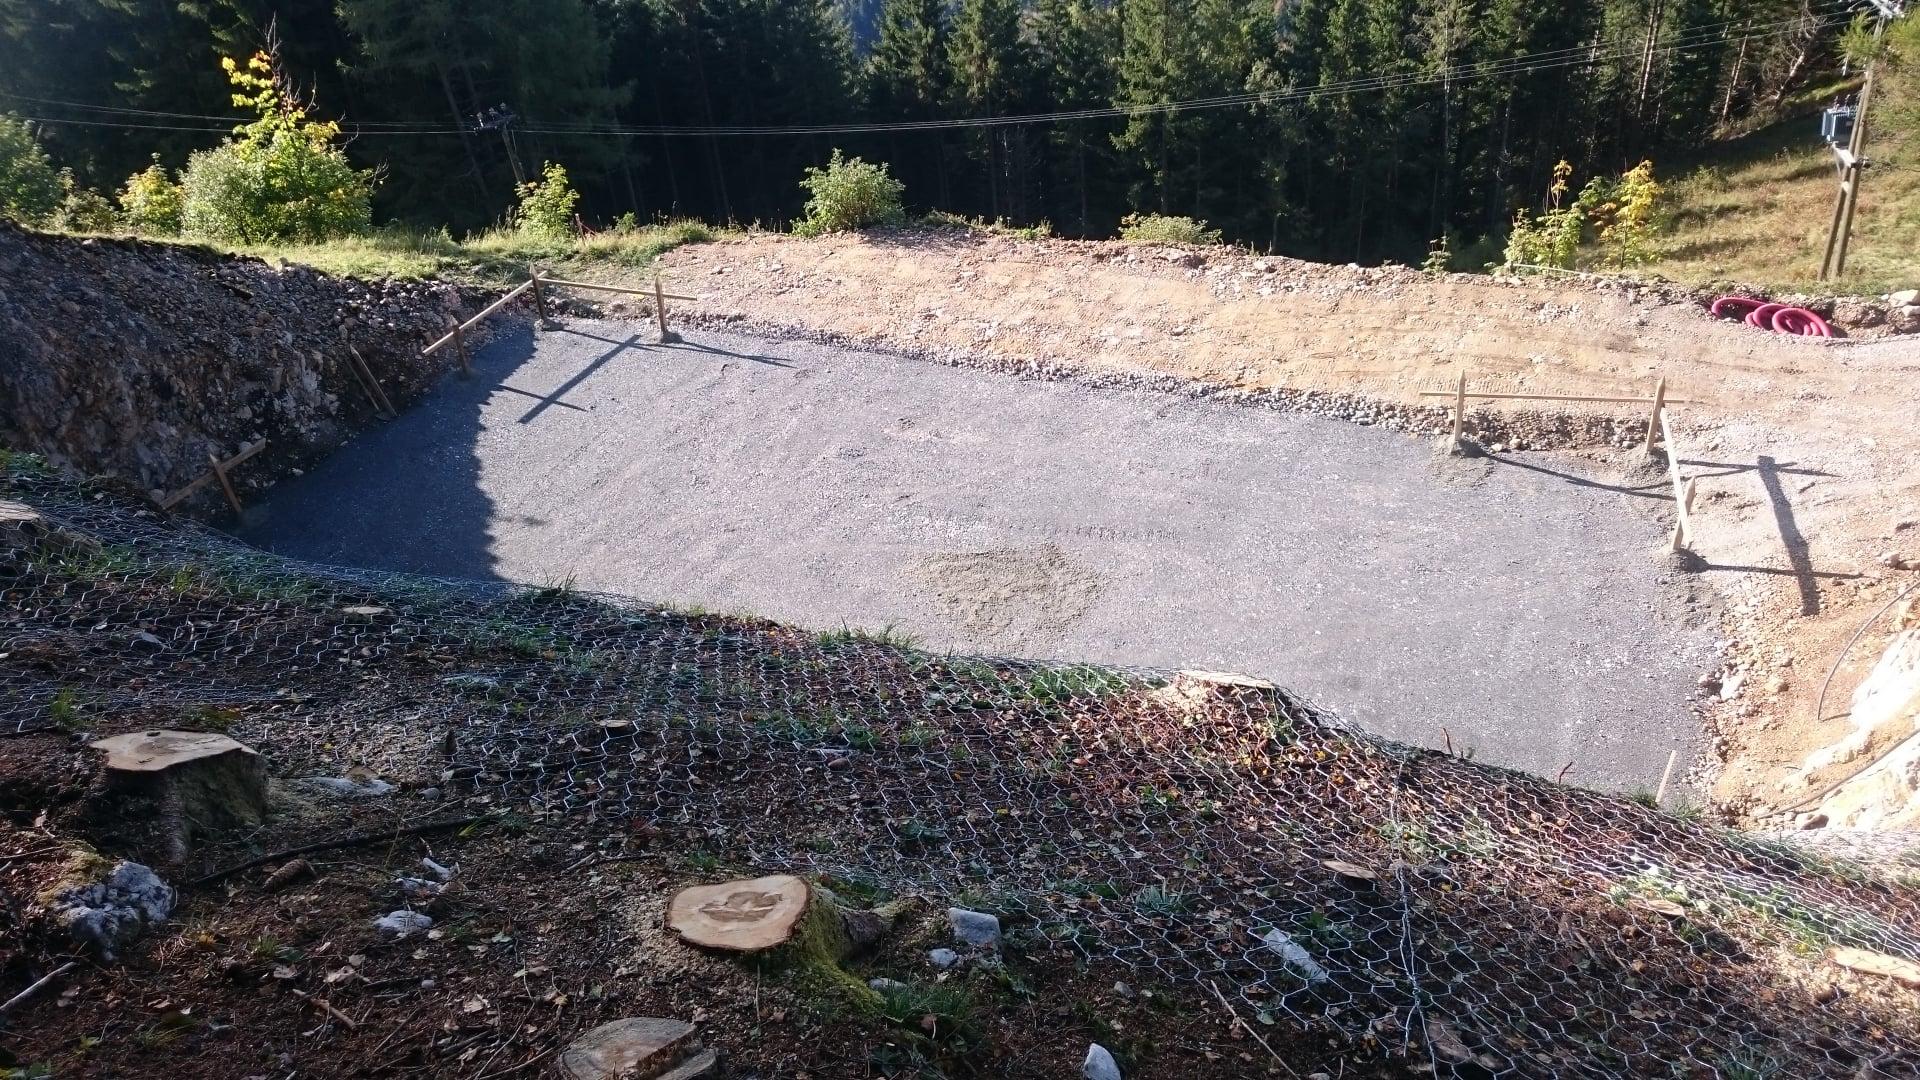 mozirska-koca-podlozni-beton-20211006-02